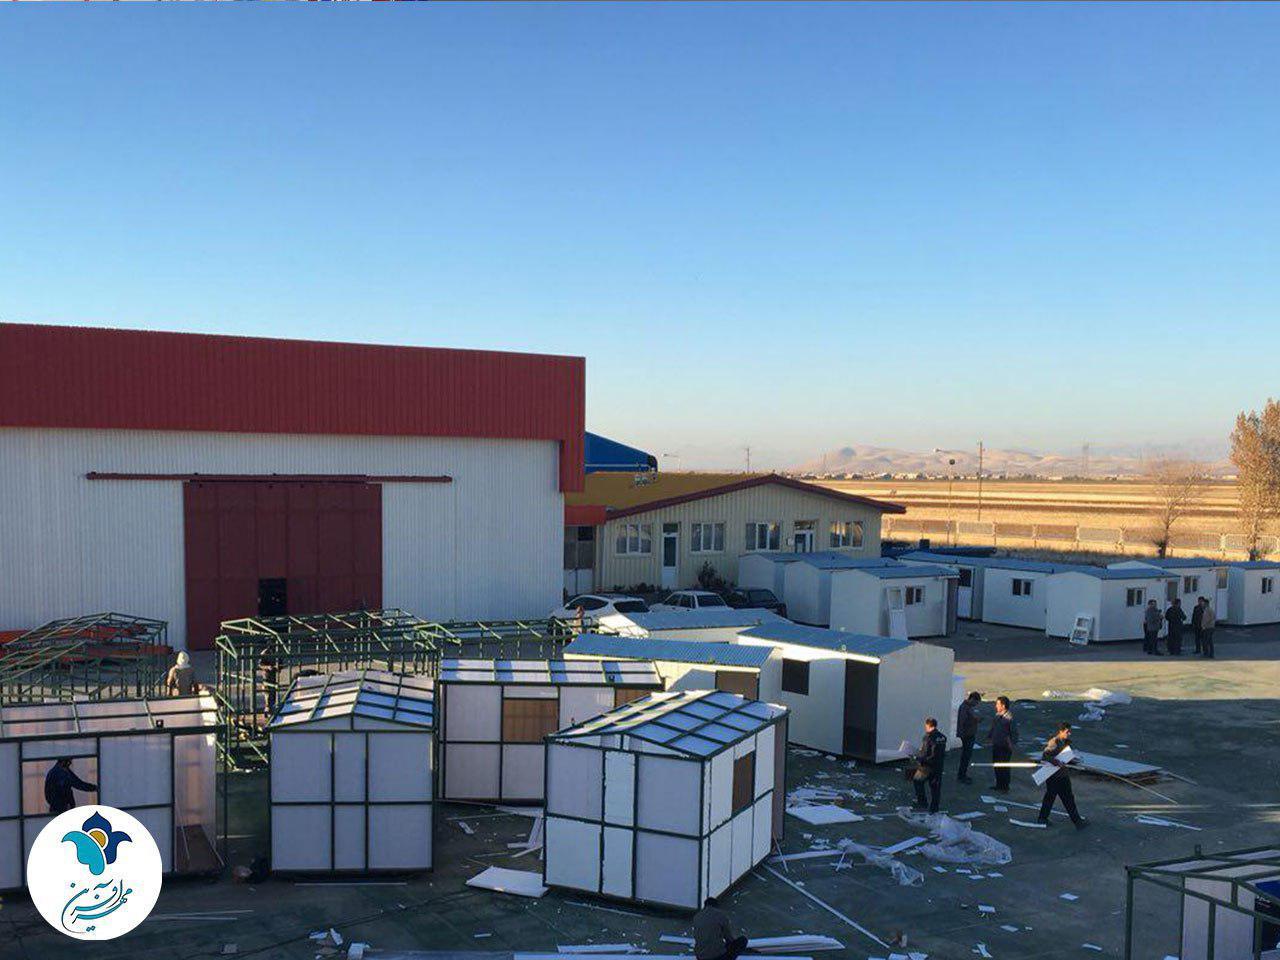 اولین کانکس مسکونی مهرآفرین در مناطق زلزله زده، به خانواده ای داغدار و پرجمعیت تحویل داده شد.